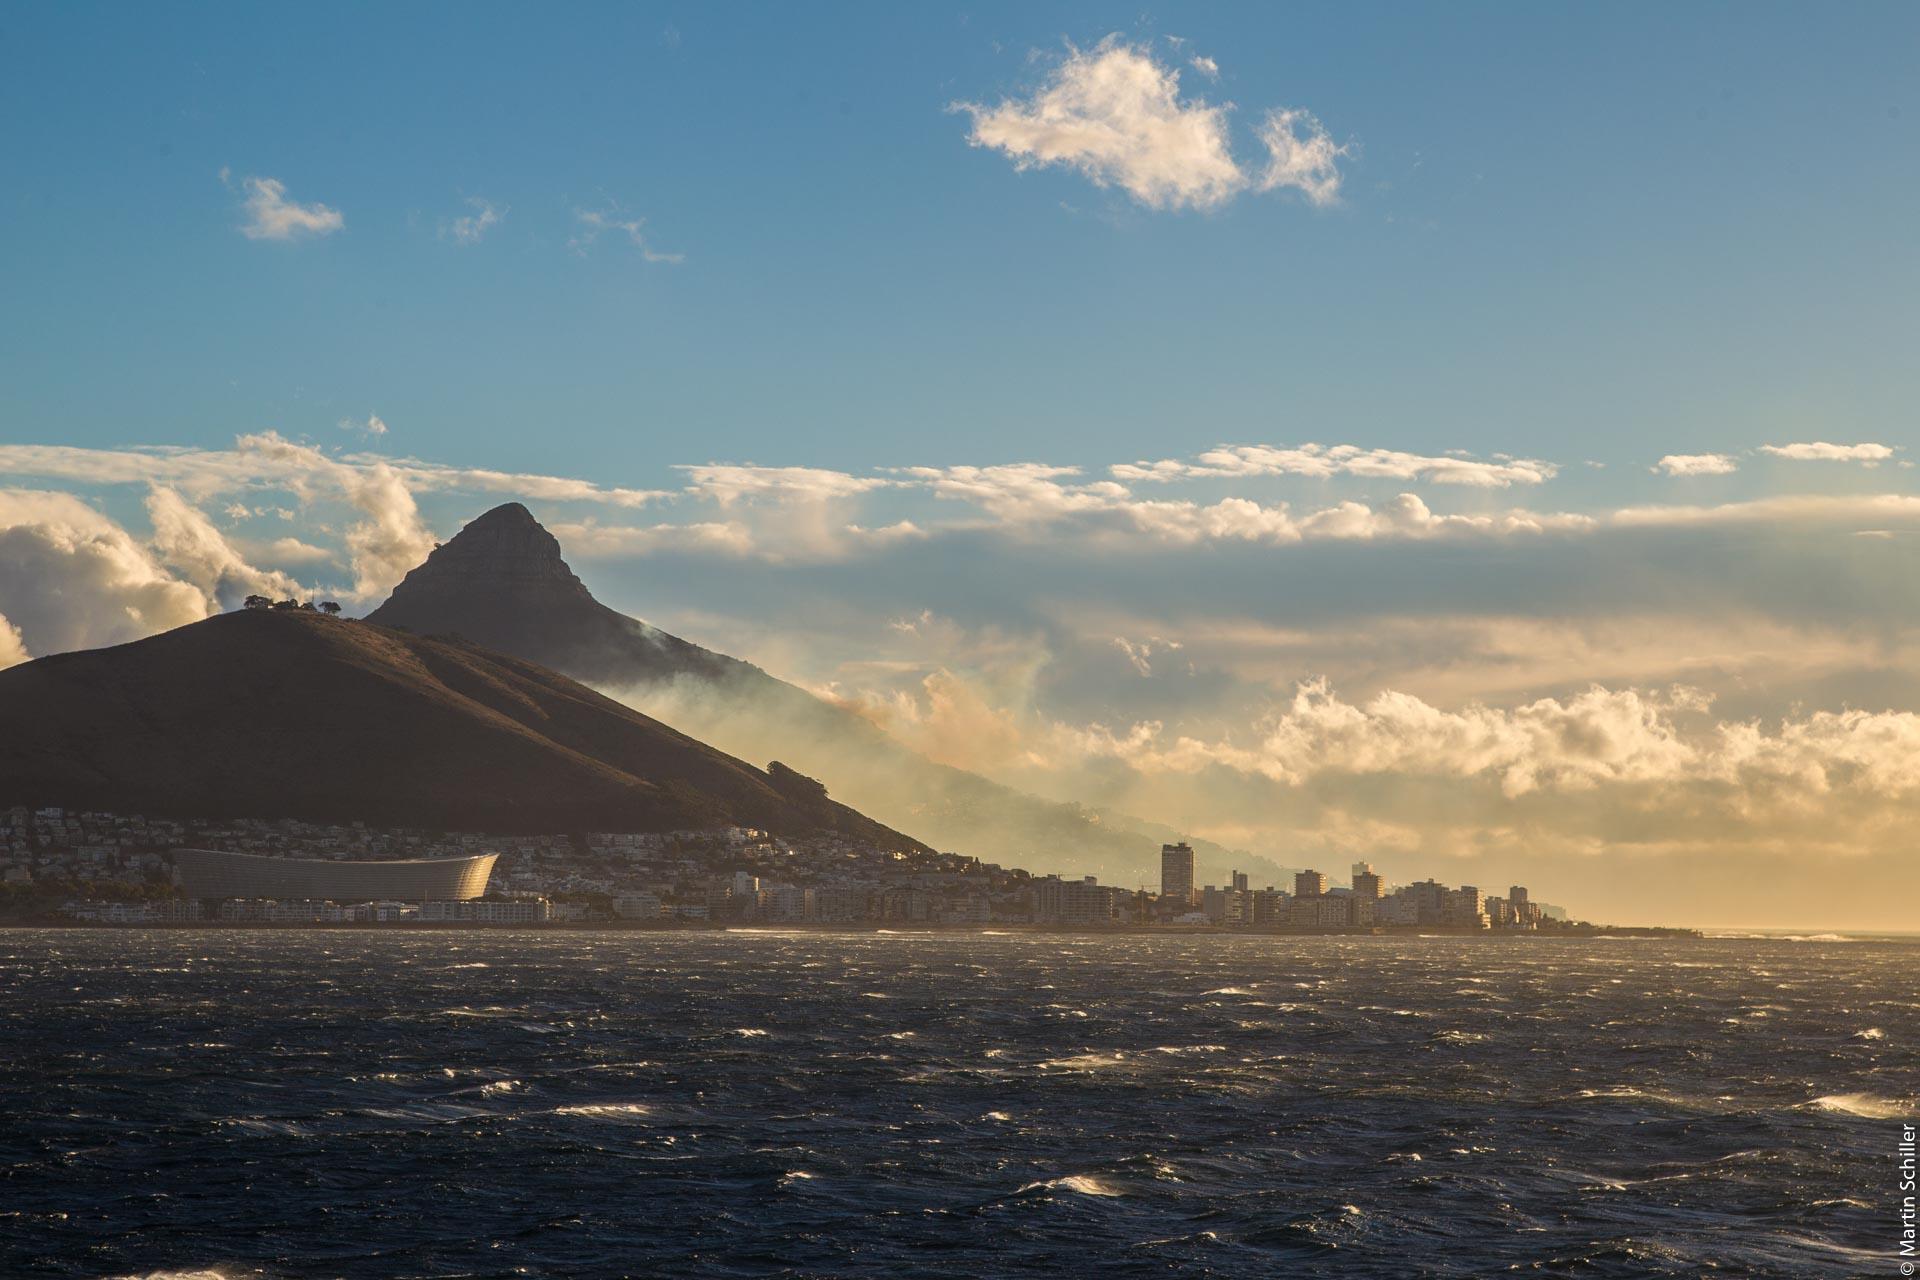 Haben Verbesserungen der Luftqualität einen Einfluss auf den Klimawandel? (FAQ 8.2)